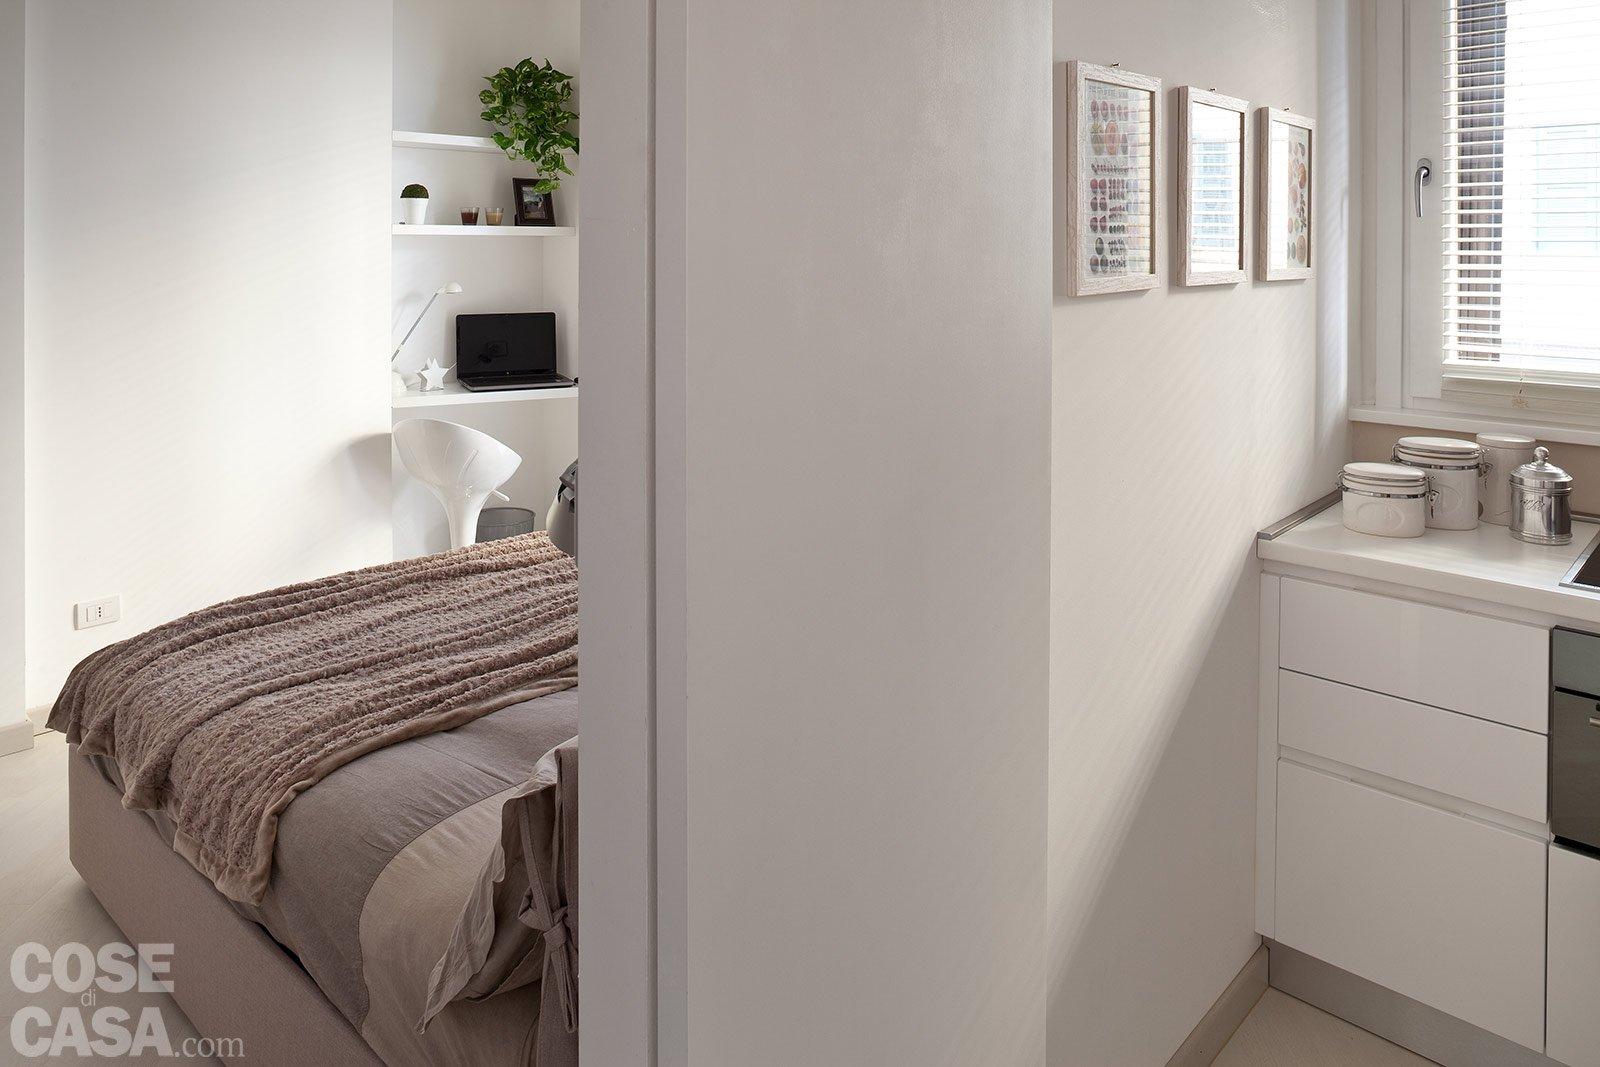 Soluzioni divisorie cucina soggiorno : pareti divisorie cucina ...